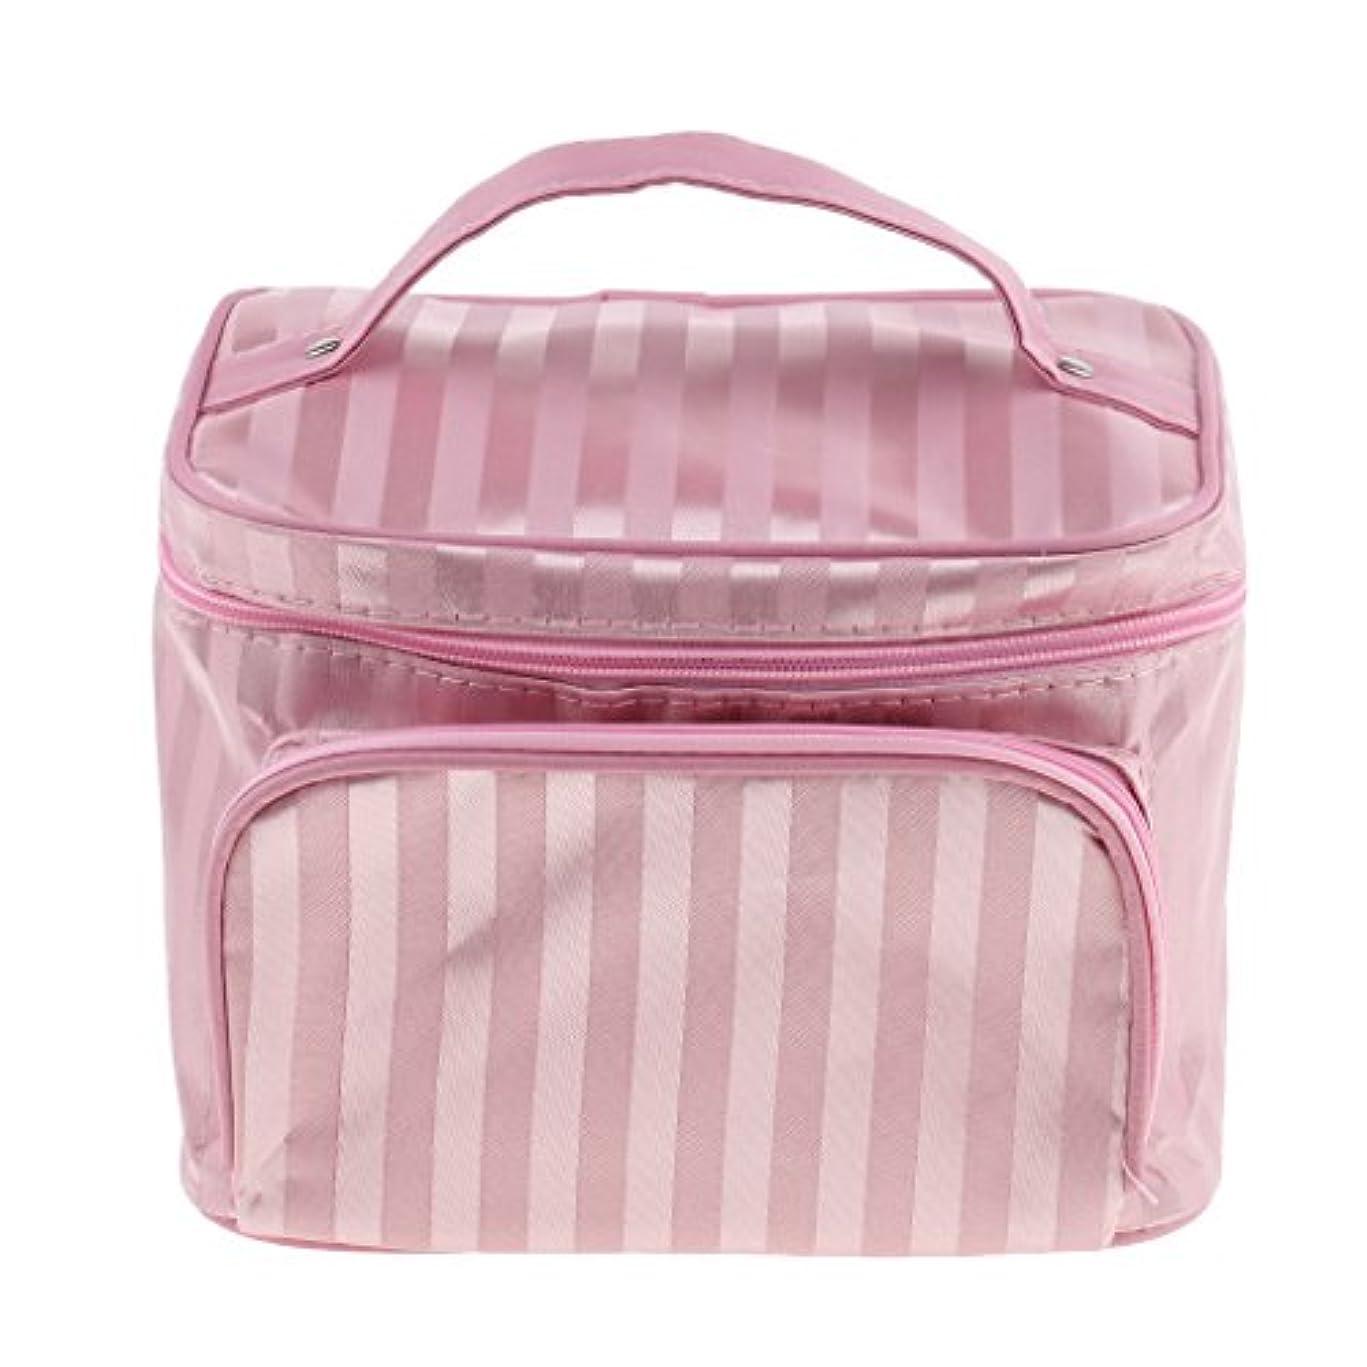 友だち疎外するまたはどちらかPerfk メイクアップバッグ 化粧品バッグ 化粧品 コスメ メイクアップ 収納 防水 耐摩耗 旅行用 バッグ メイクボックス 化粧ポーチ 5色選べる - ピンク